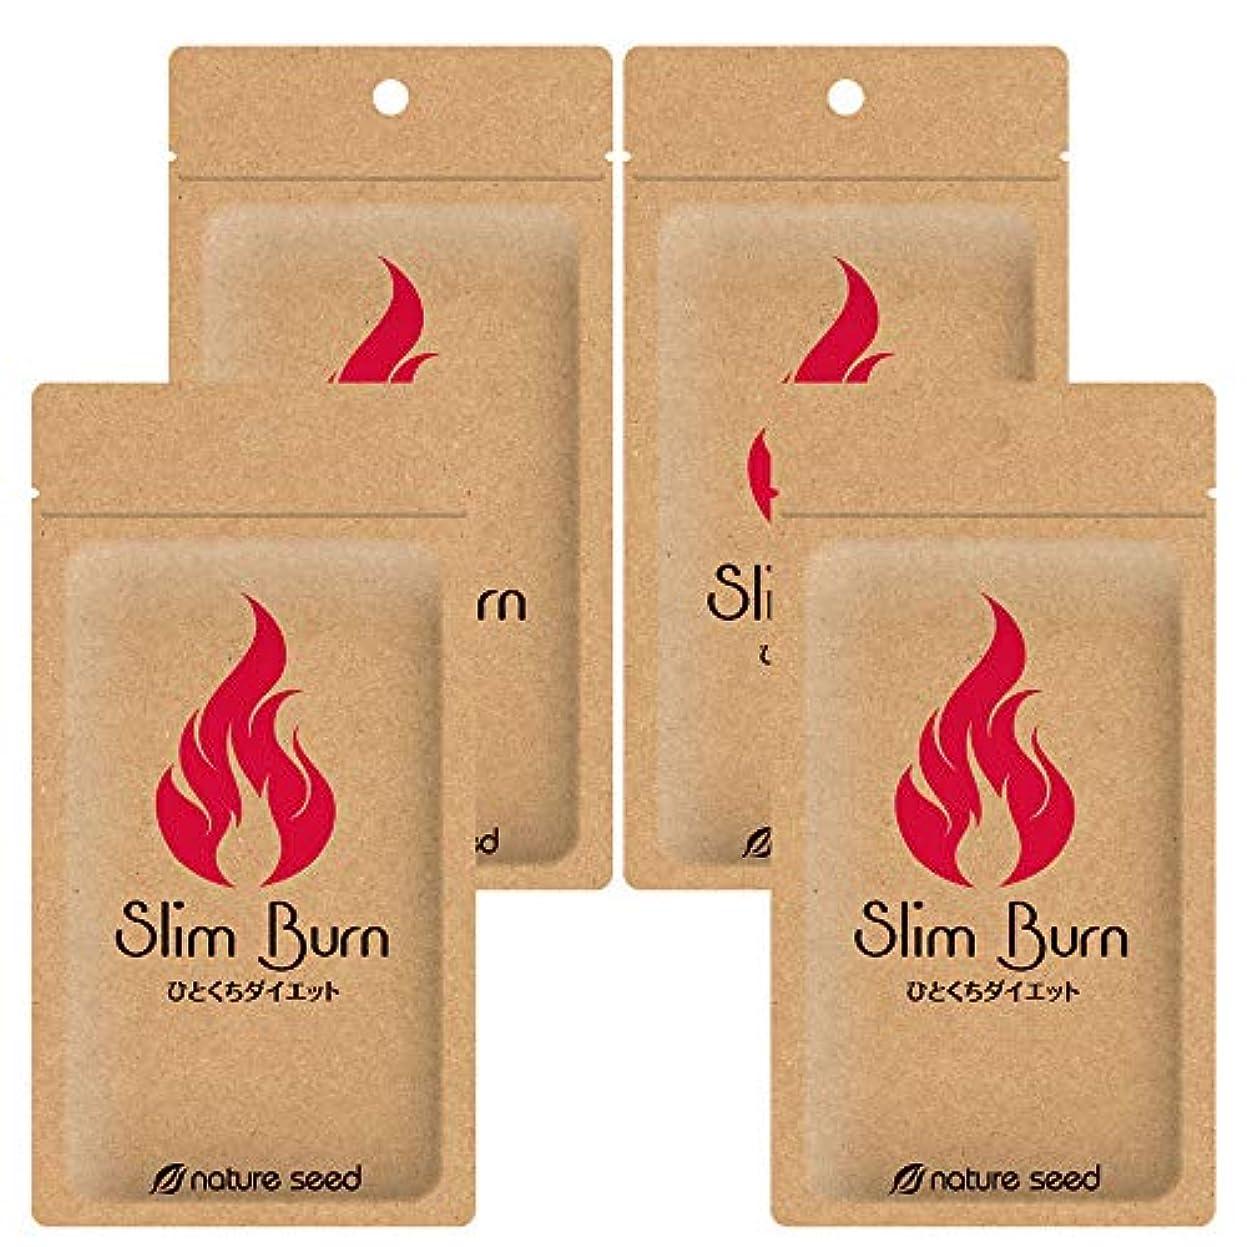 不規則なたとえ赤[燃焼サポートサプリ]ダイエット くびれメイク サプリメント スリムバーン 4袋(約120日分)